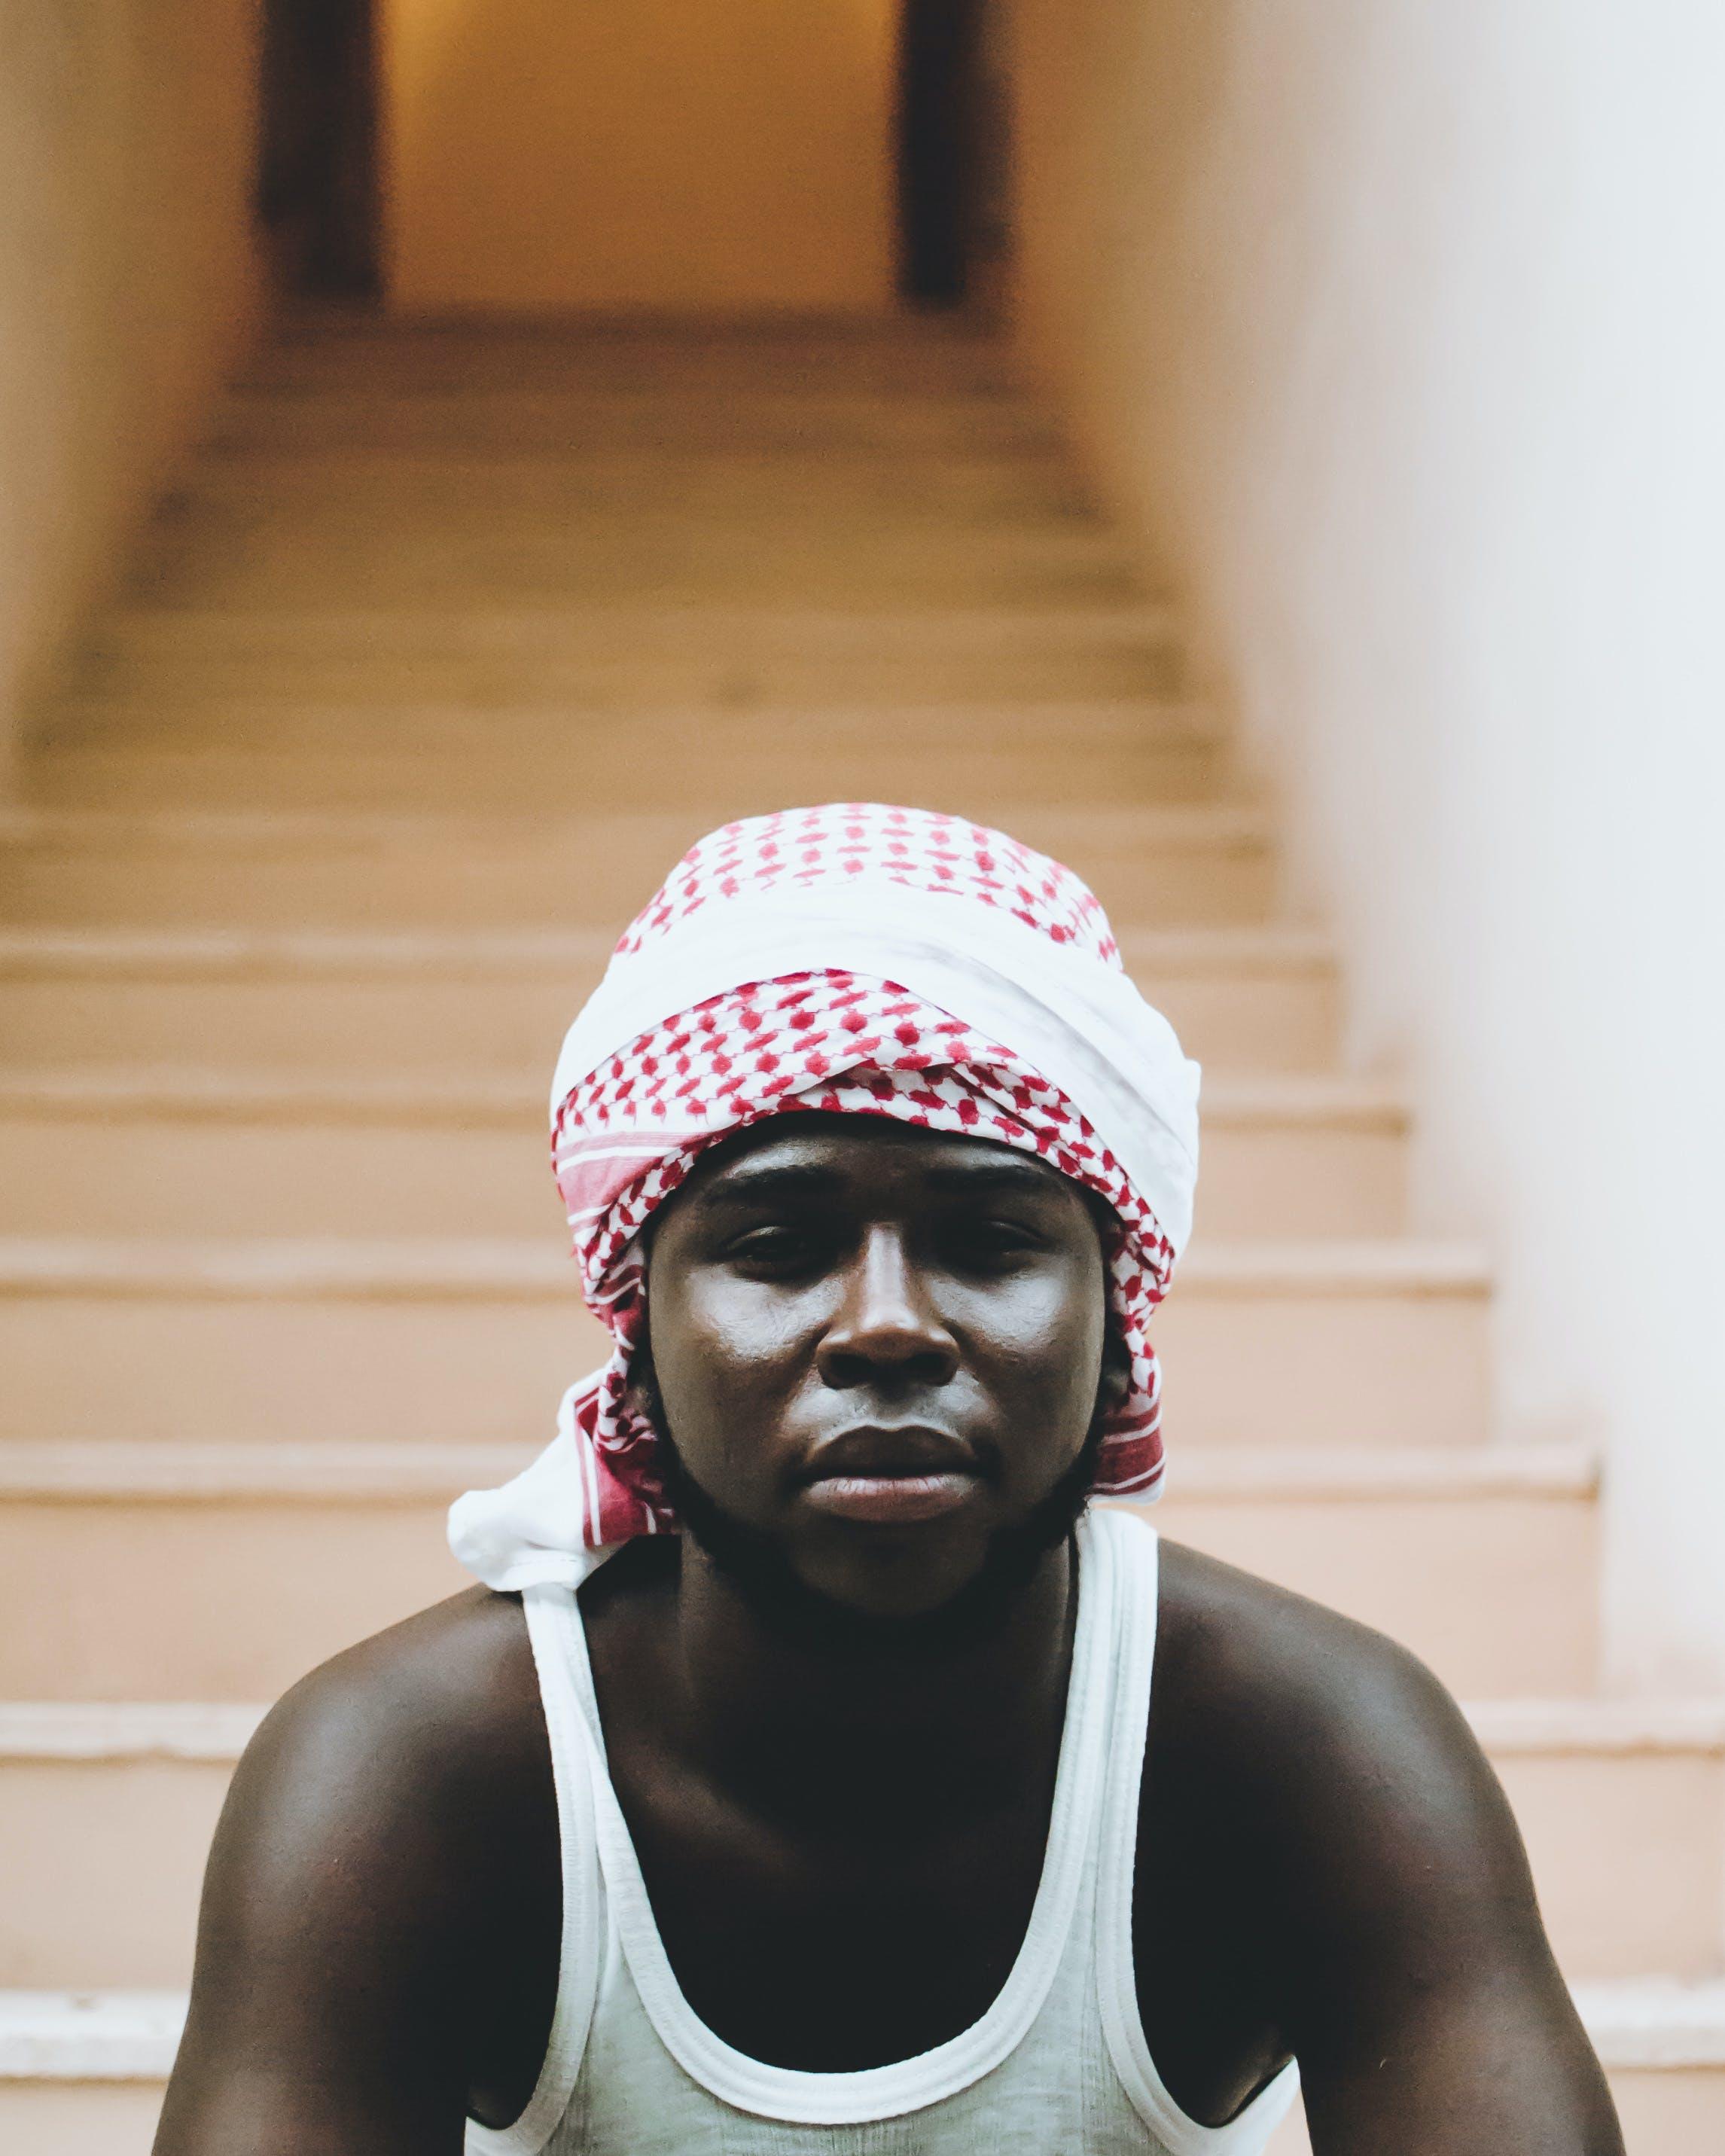 Kostenloses Stock Foto zu afrikanischer mann, afroamerikanischer mann, keffijeh, mann